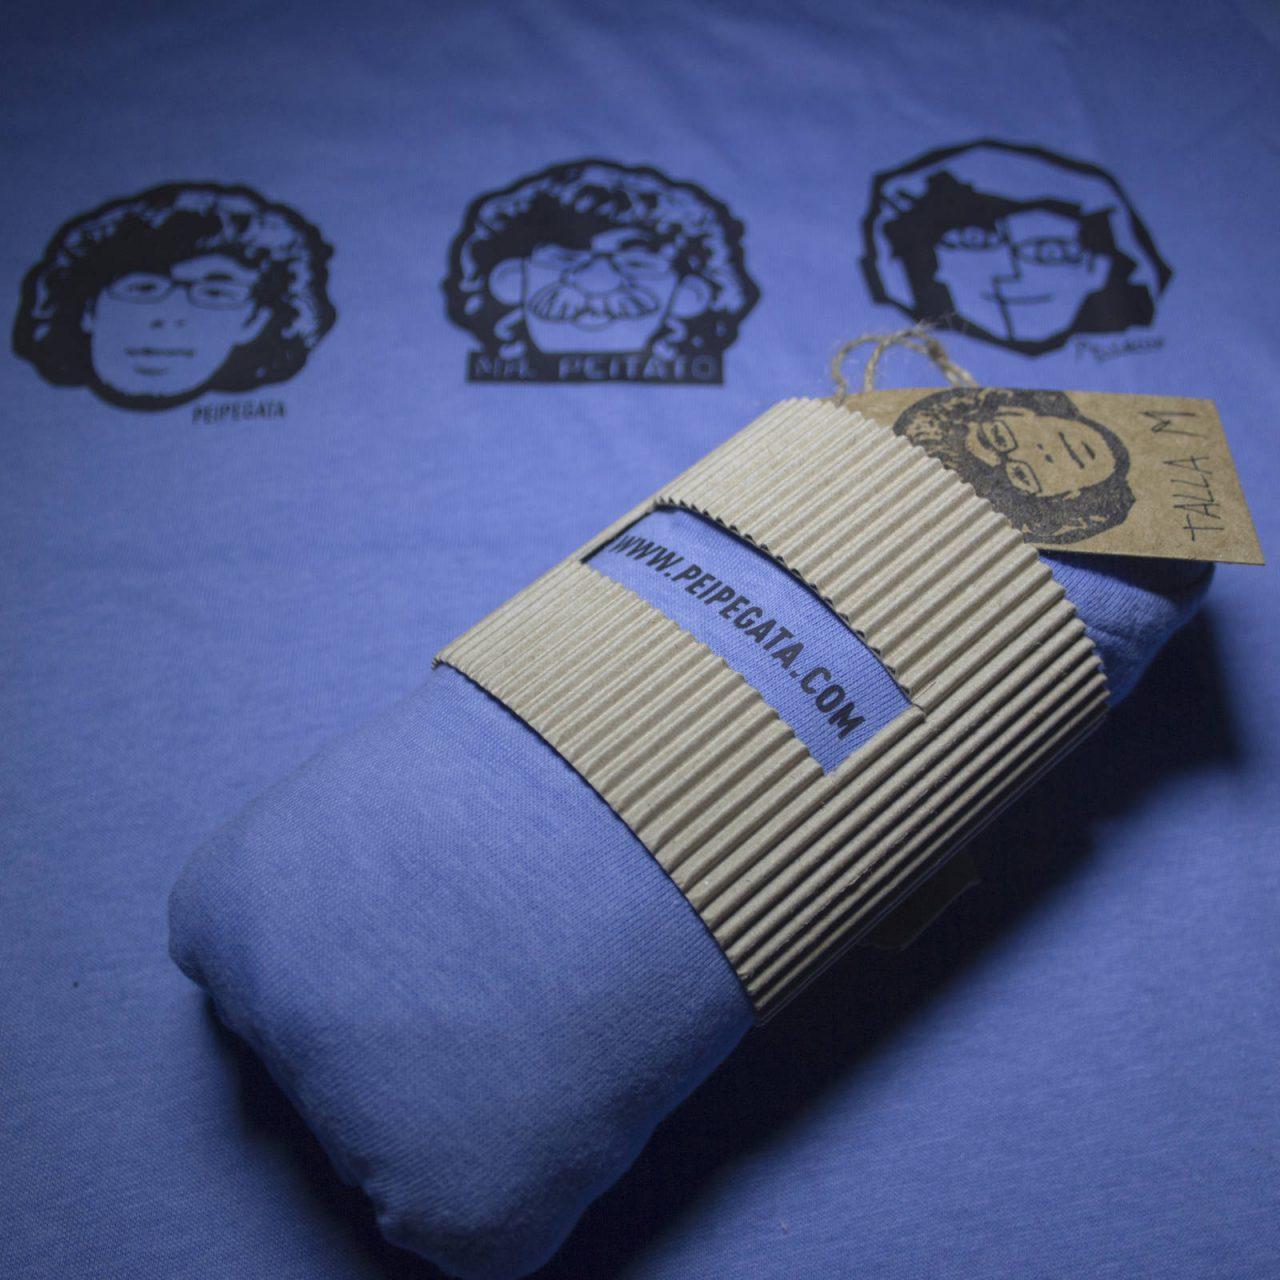 03 _ Camiseta